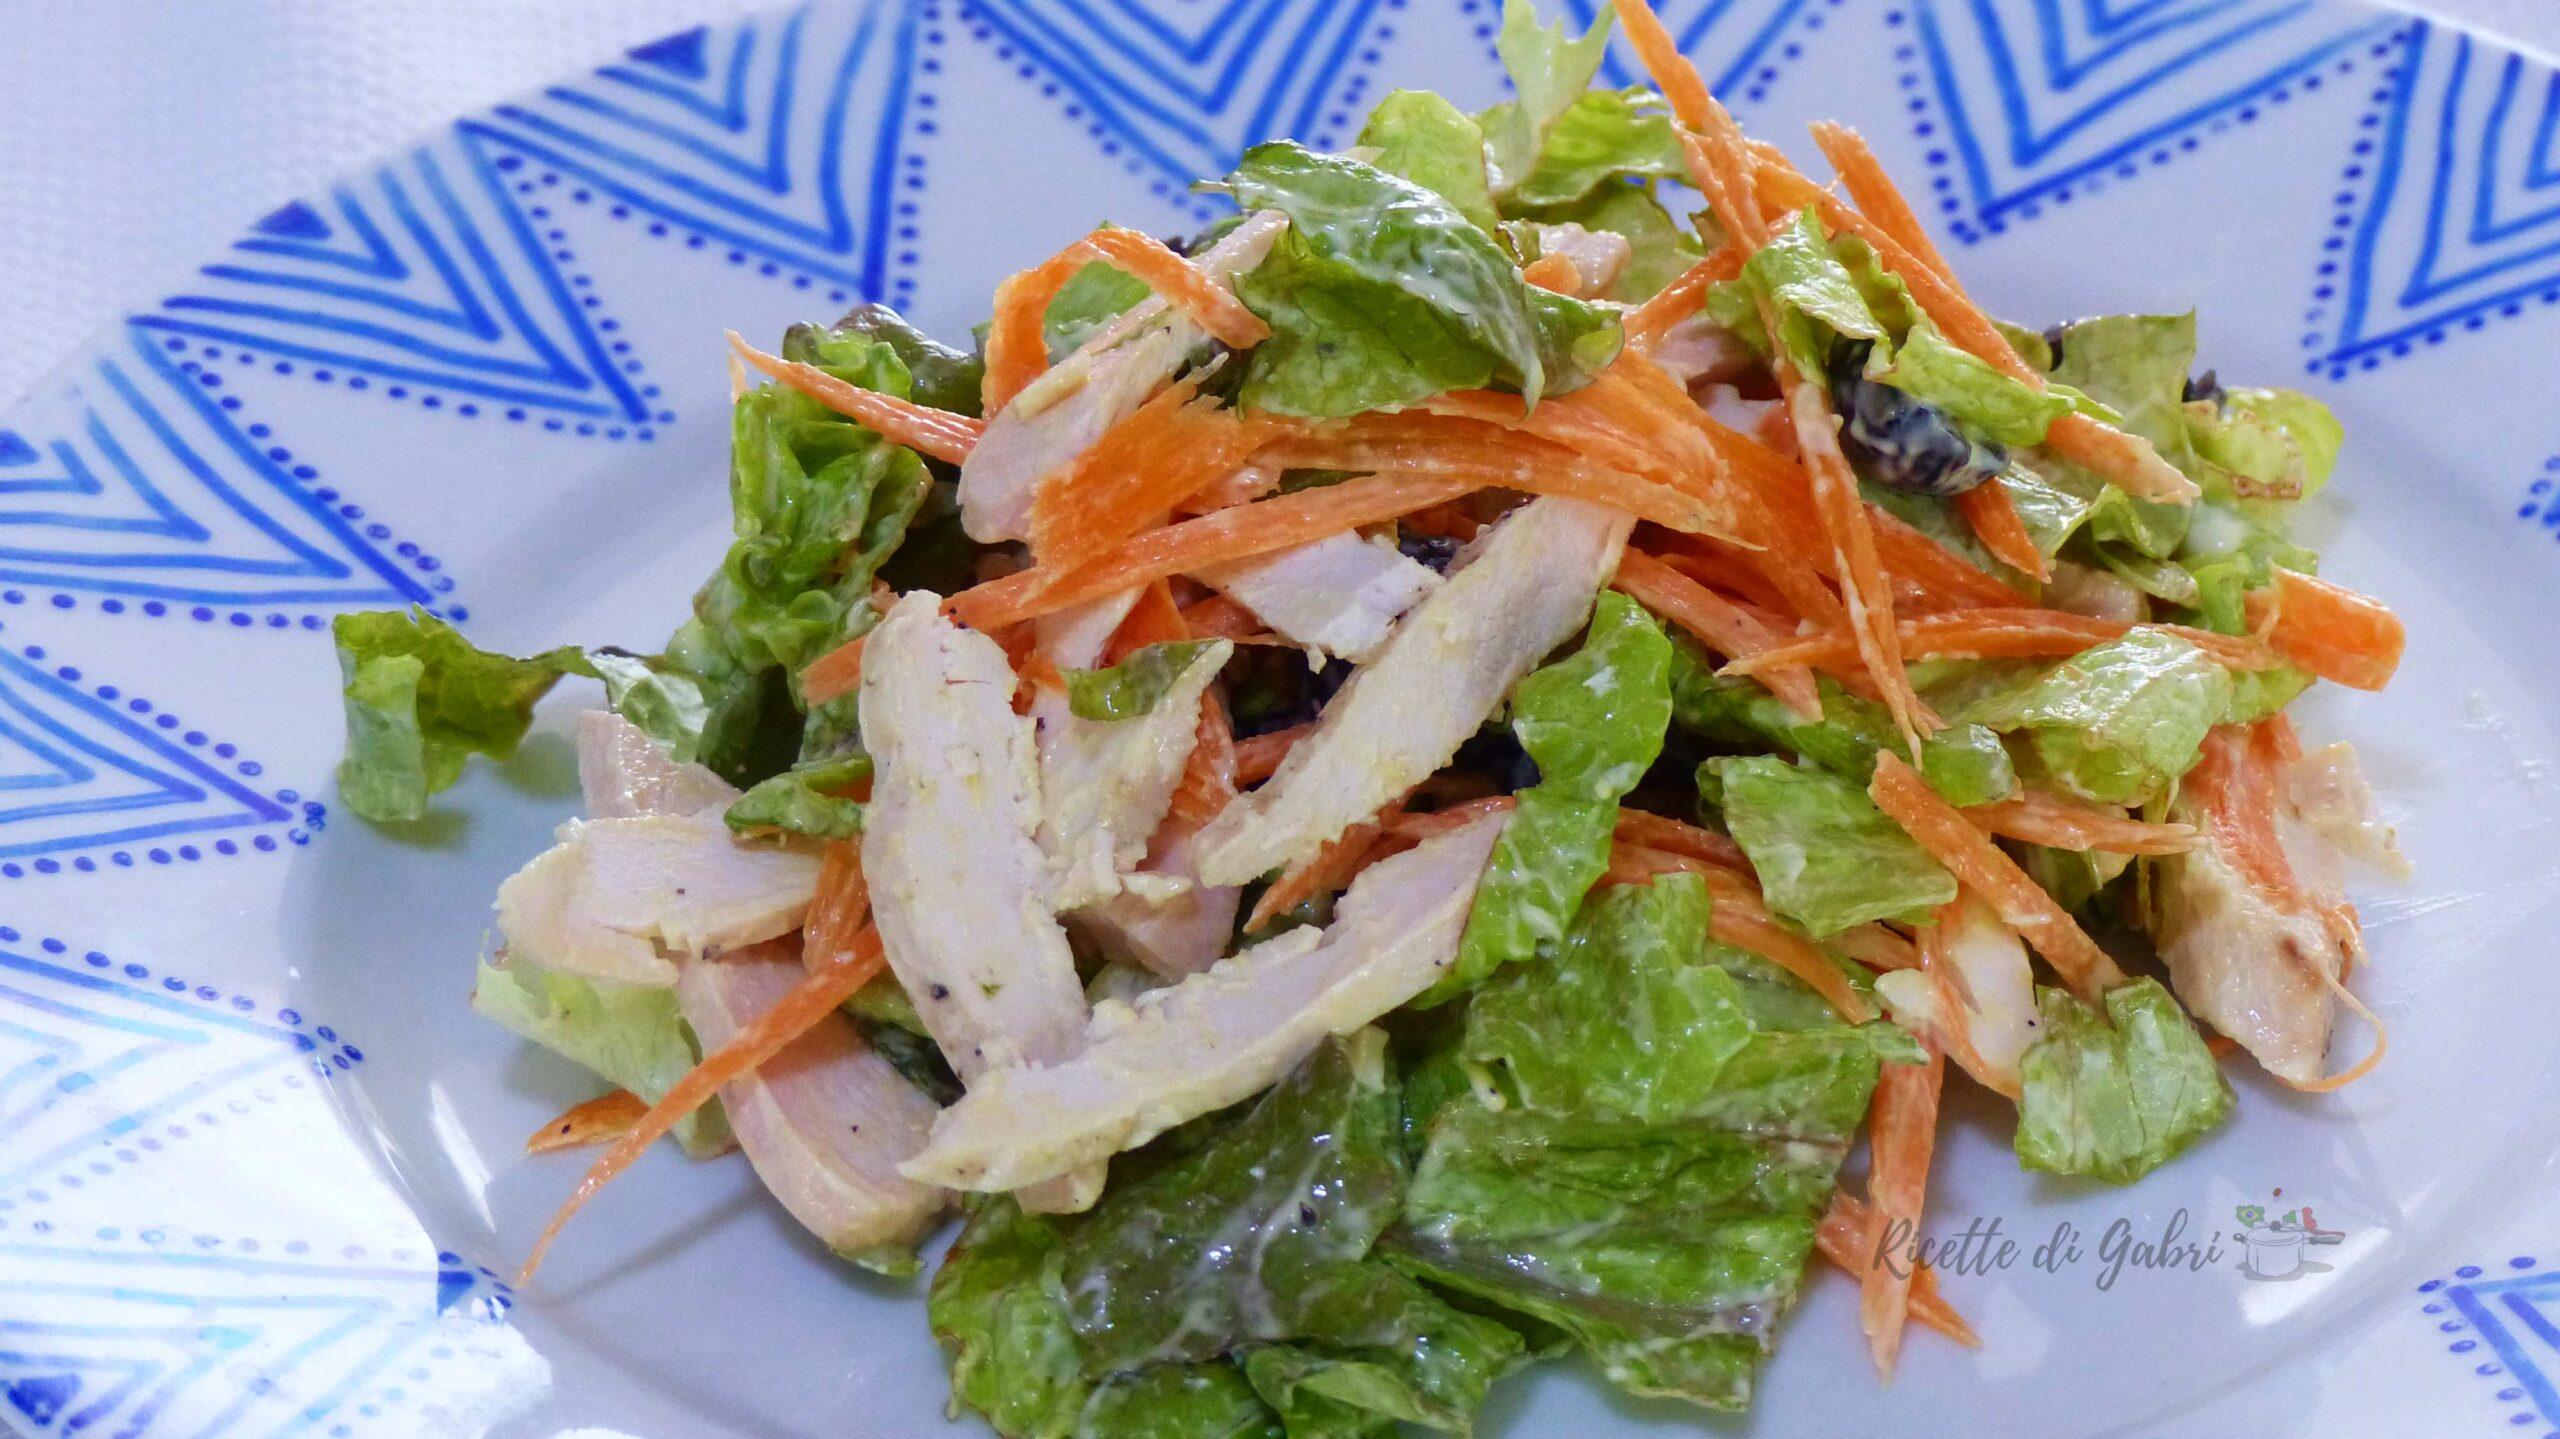 insalata cremosa con petto di pollo avanzato pollo arrosto